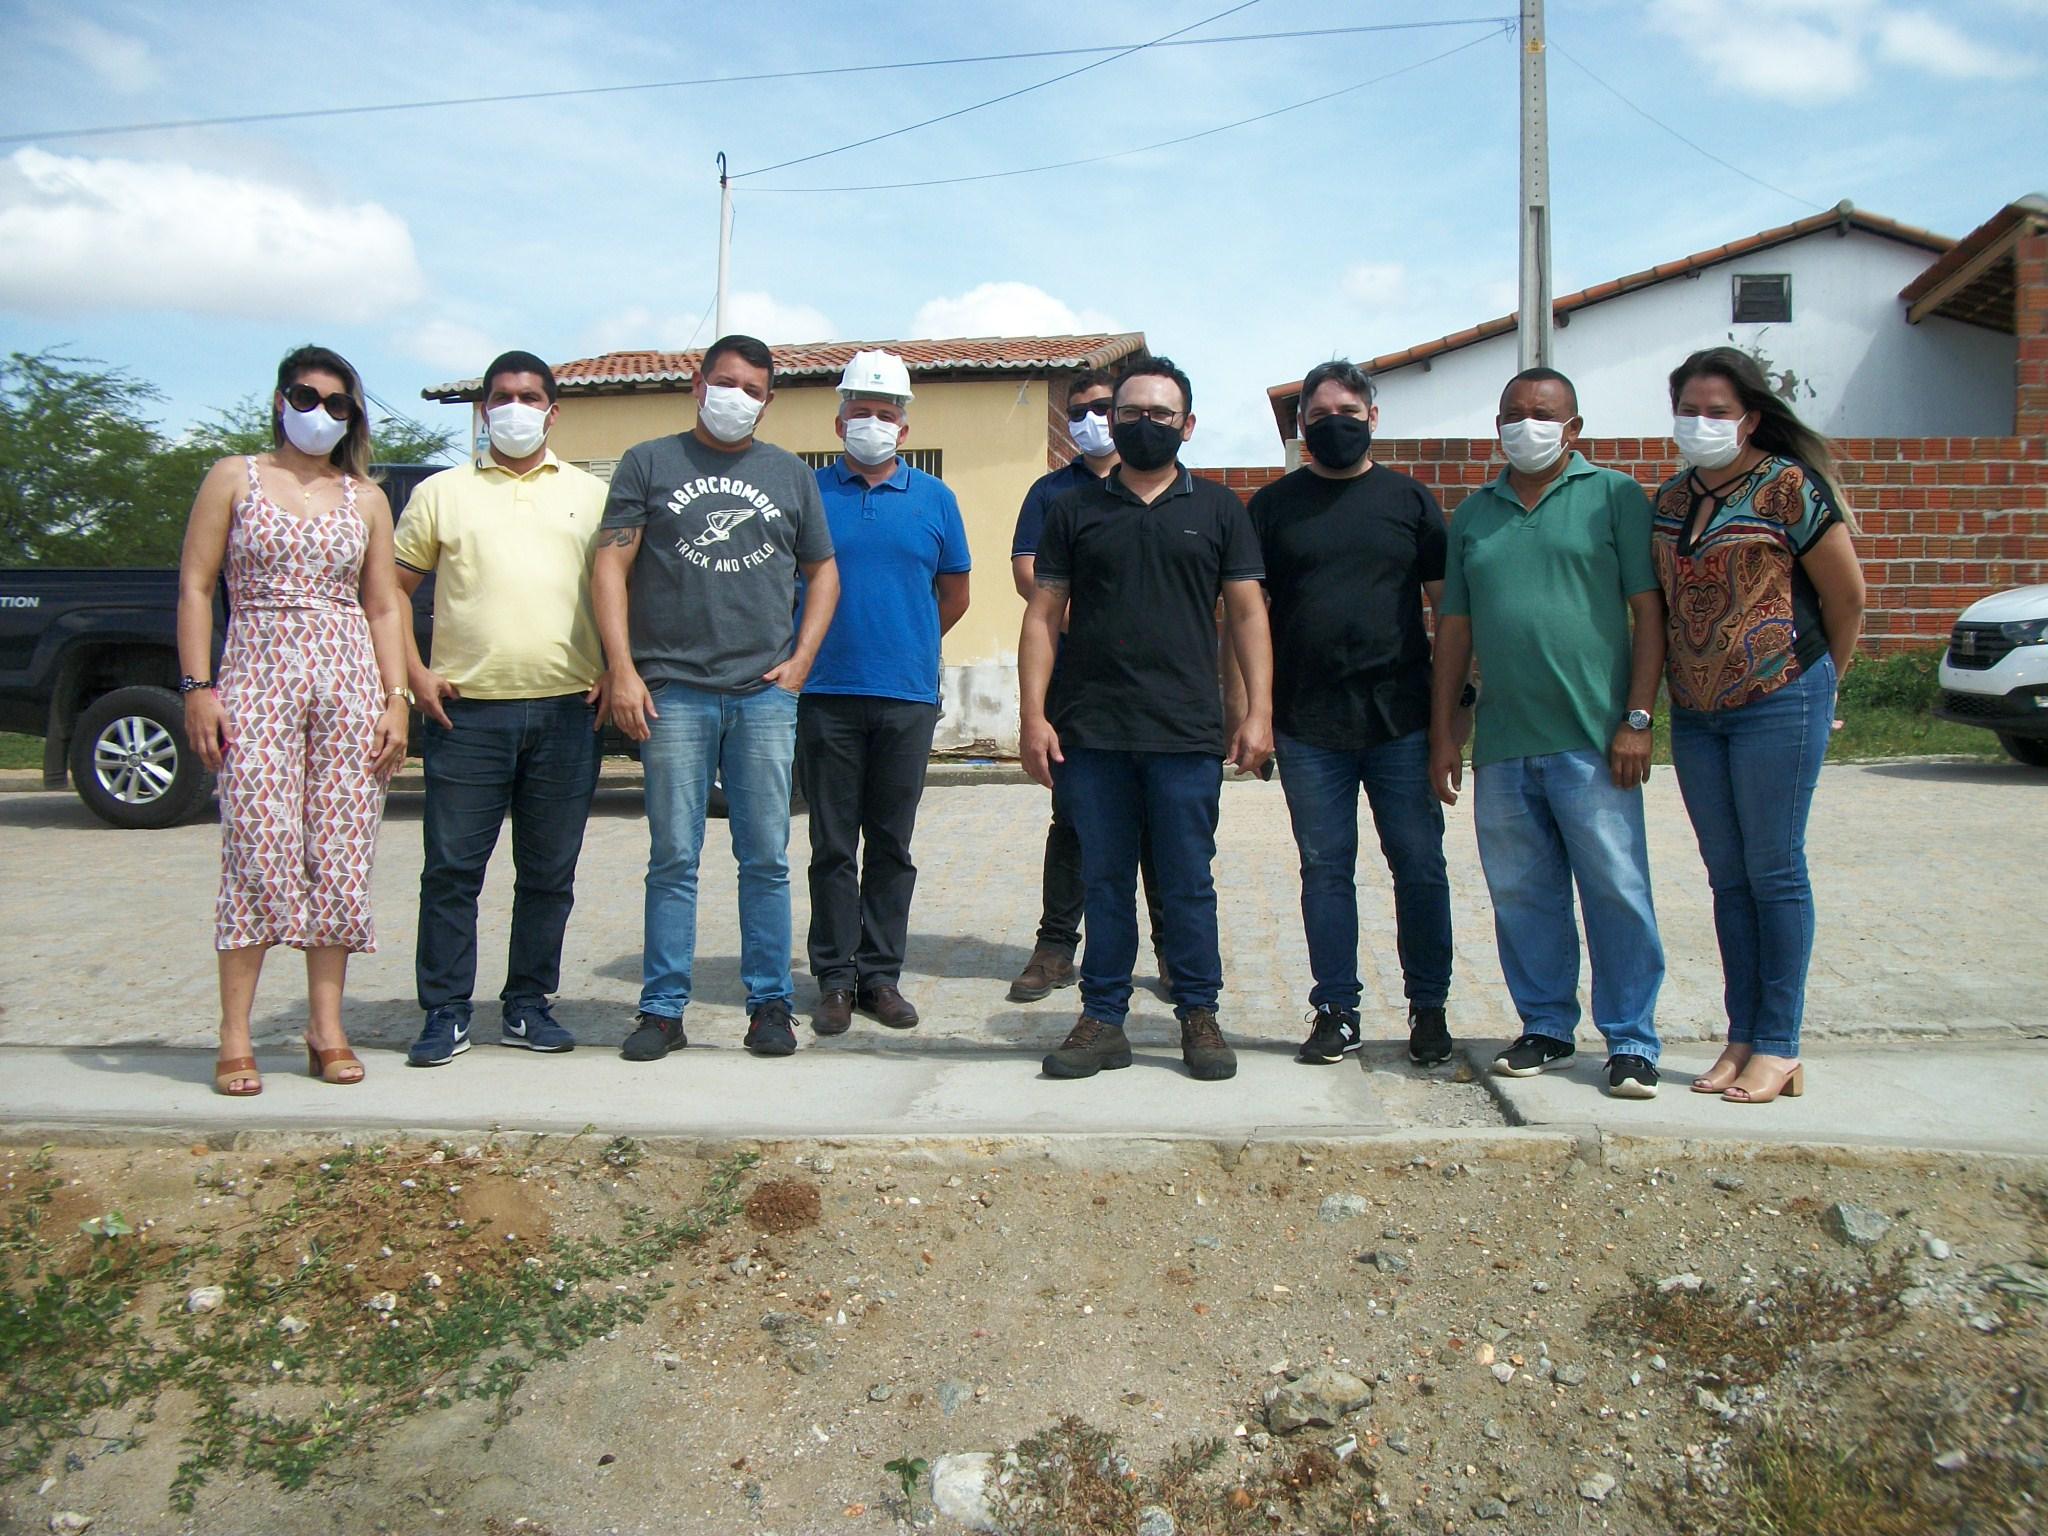 Fernando Pedroza: Engenheiros da CEHAB fazem visita técnica para iniciar a construção de 15 casas populares